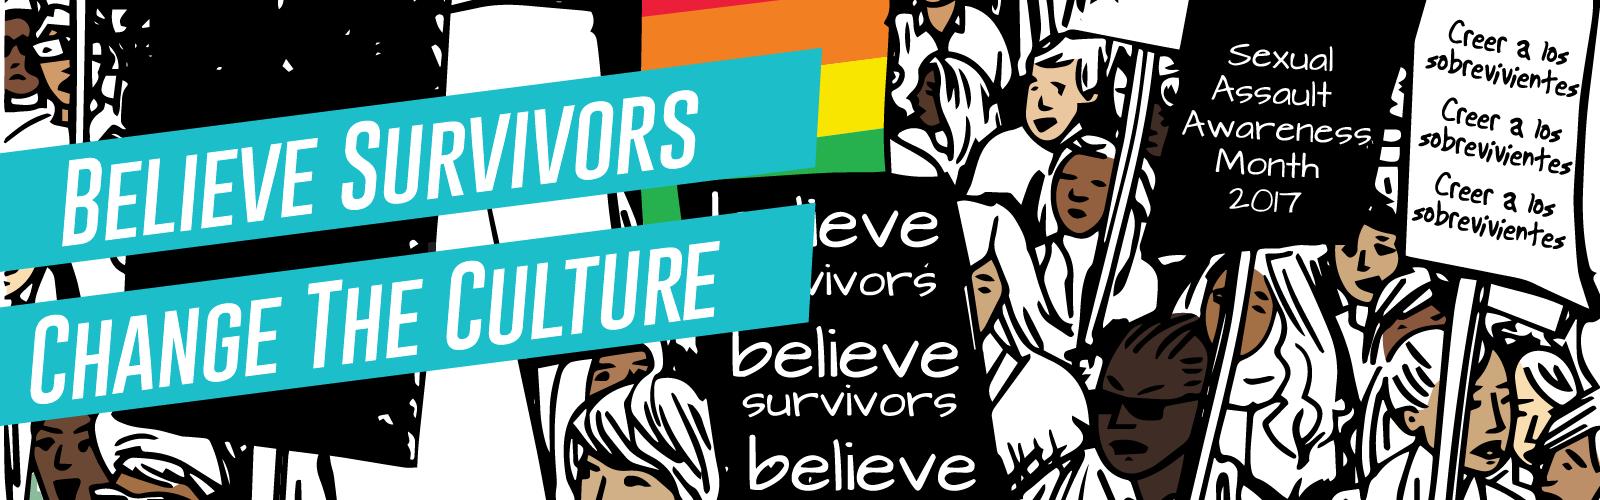 Sexual Assault Awareness Month 2017 banner